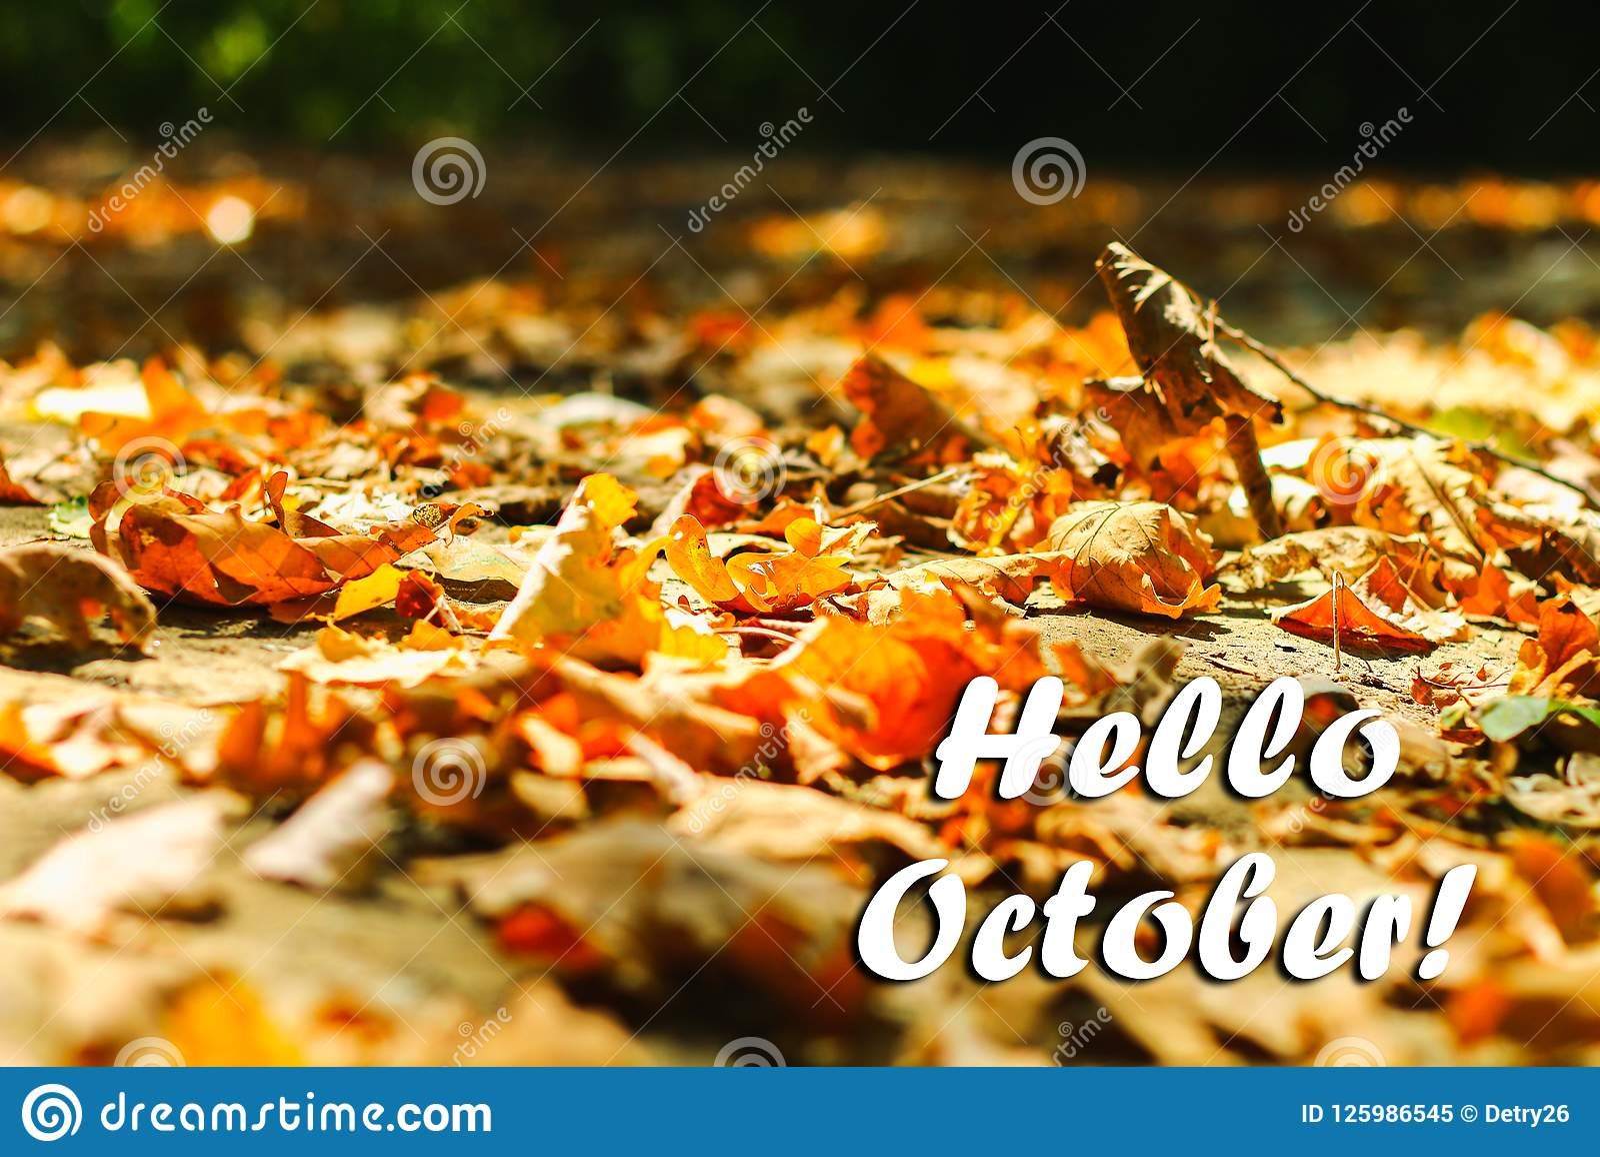 O fundo das folhas de outono das folhas de outono em um parque na terra, amarelo, verde sae no parque do outono olá! outubro